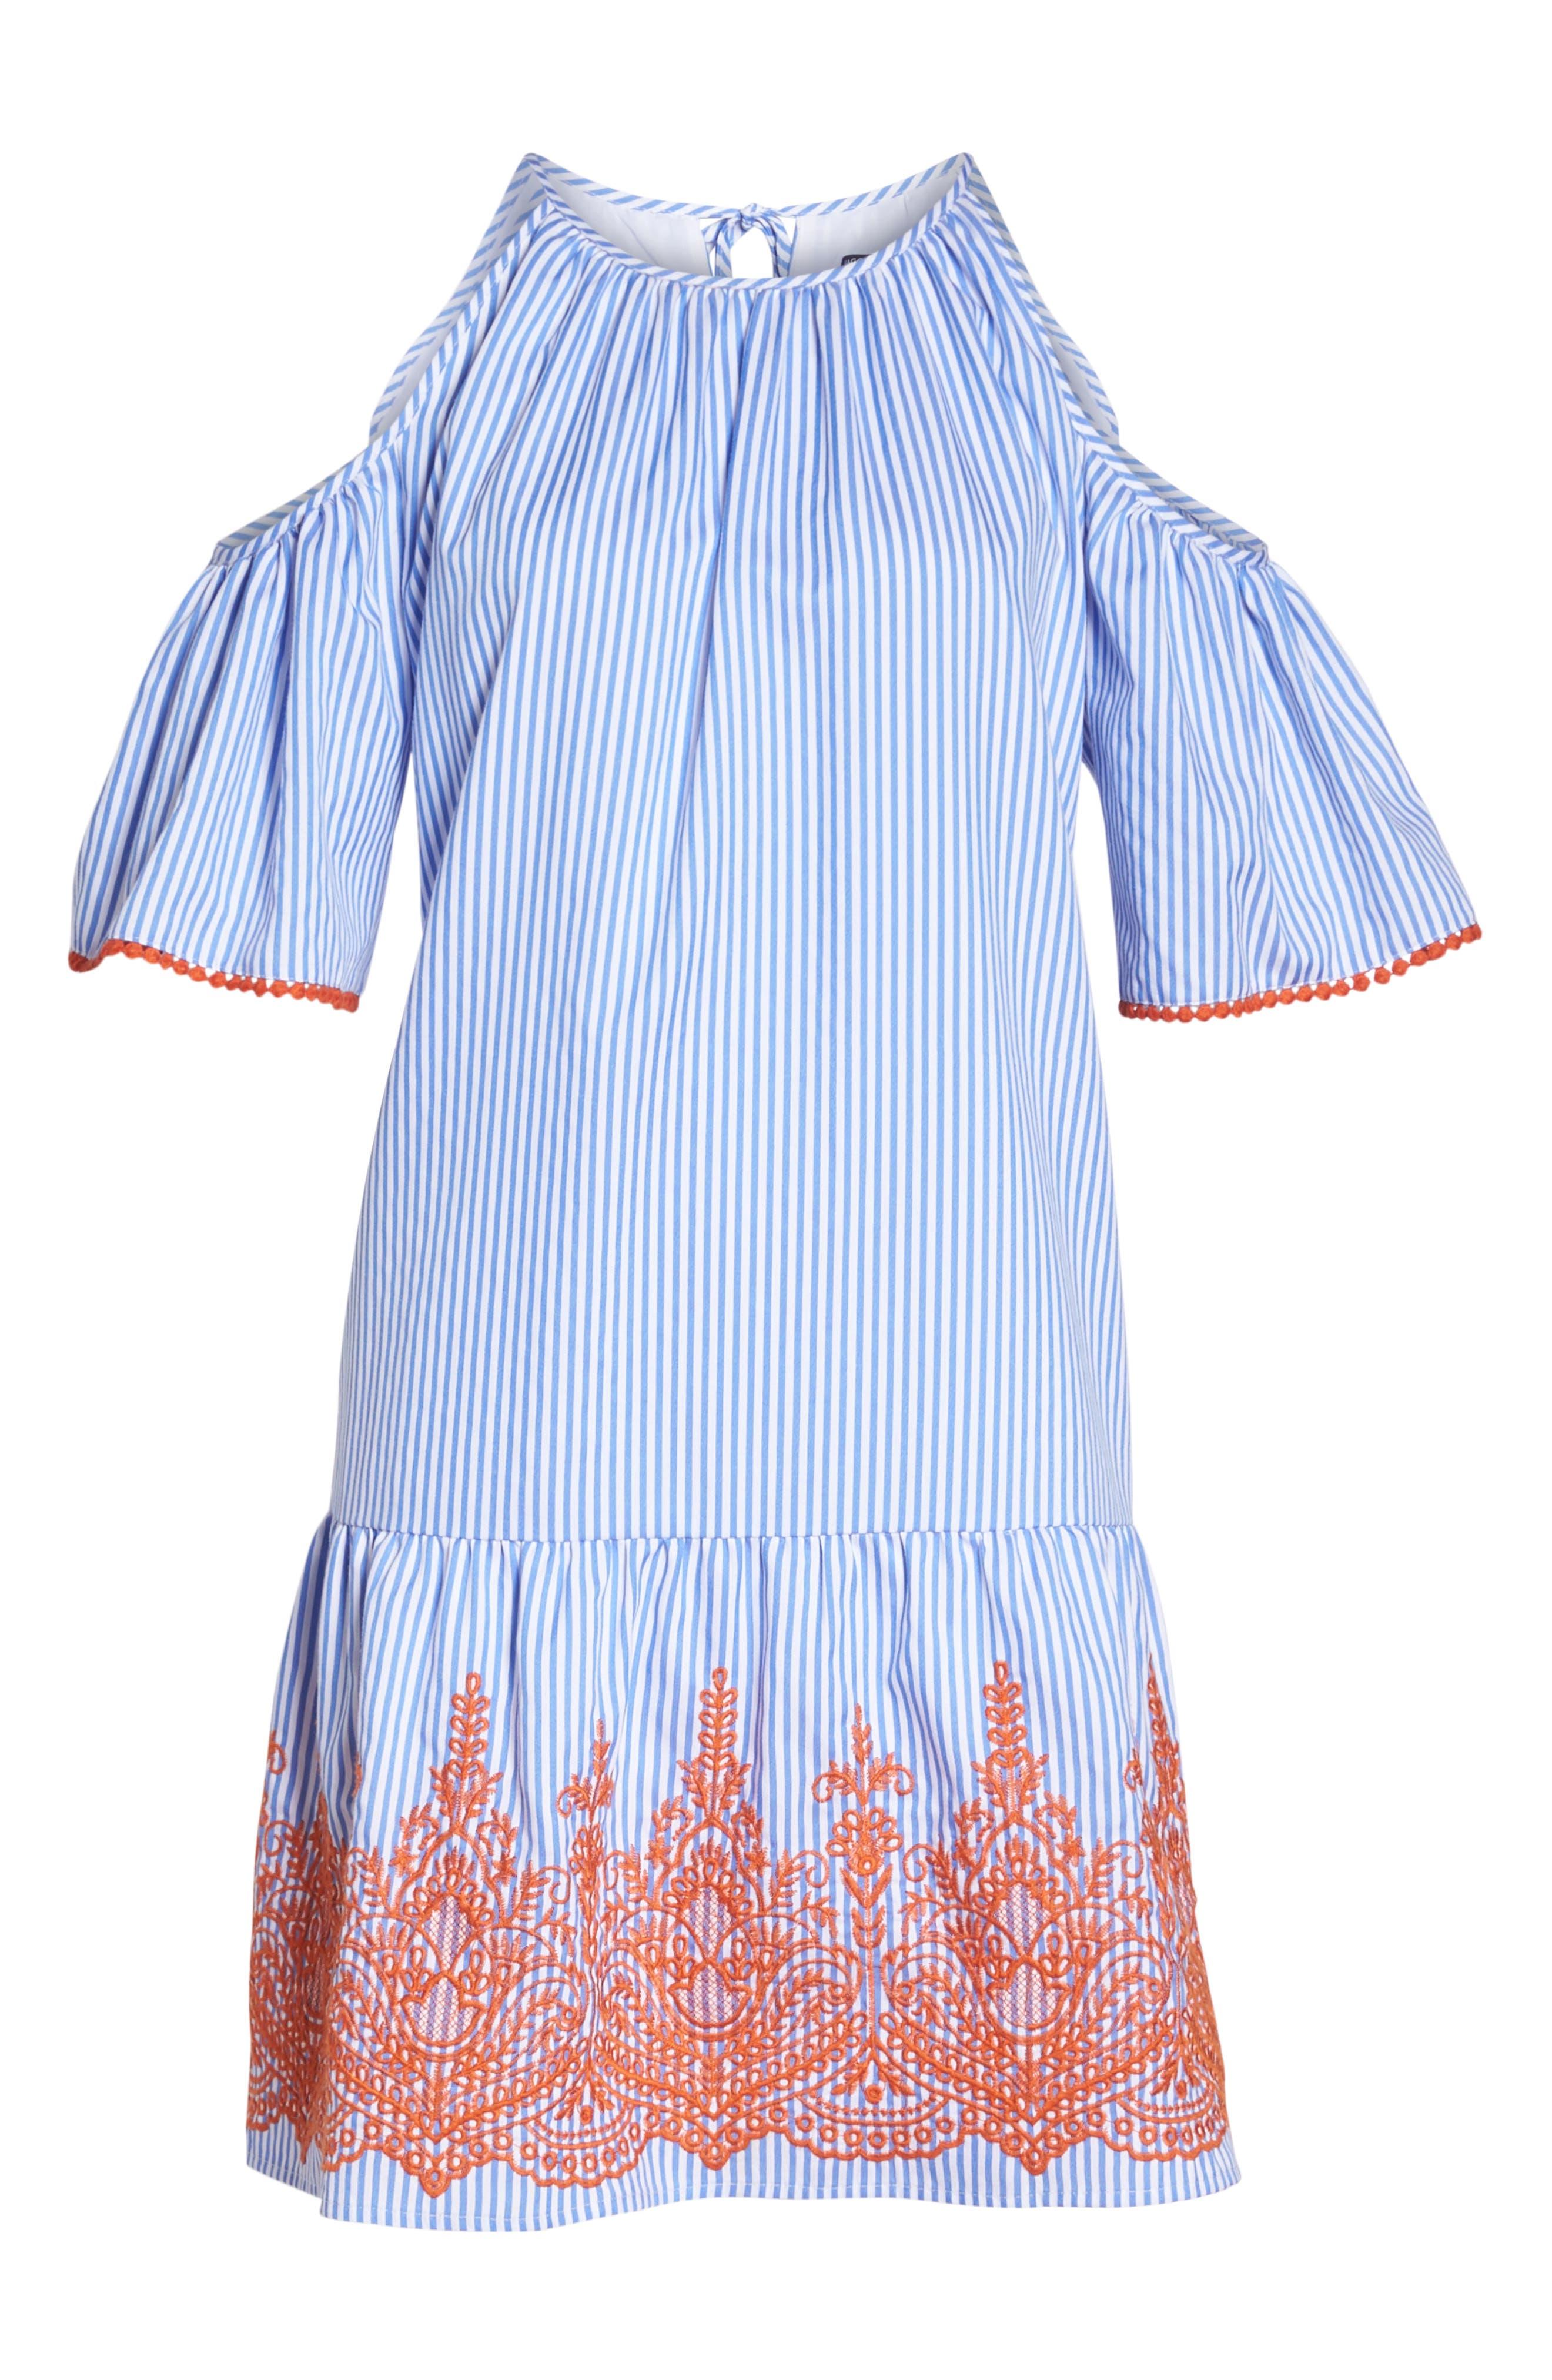 Stripe Cold Shoulder Shift Dress,                             Alternate thumbnail 7, color,                             410